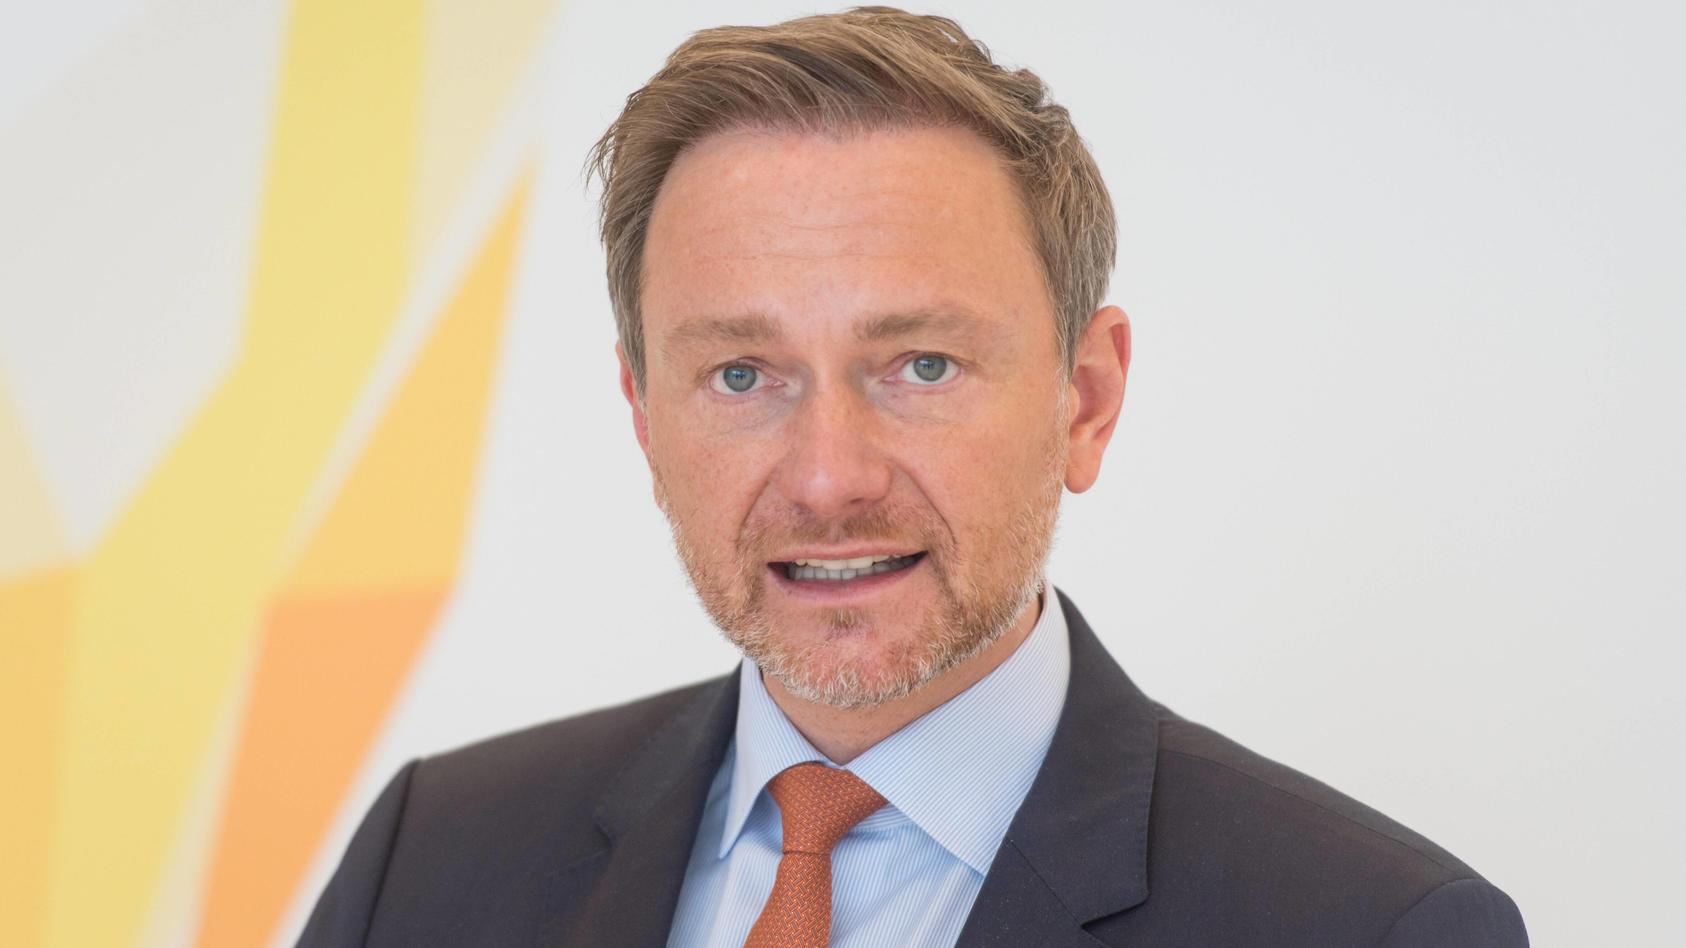 FDP-Parteichef Christian Lindner fordert einen Sonderermittler für den Masken-Beschaffungsprozess der Bundesregierung.